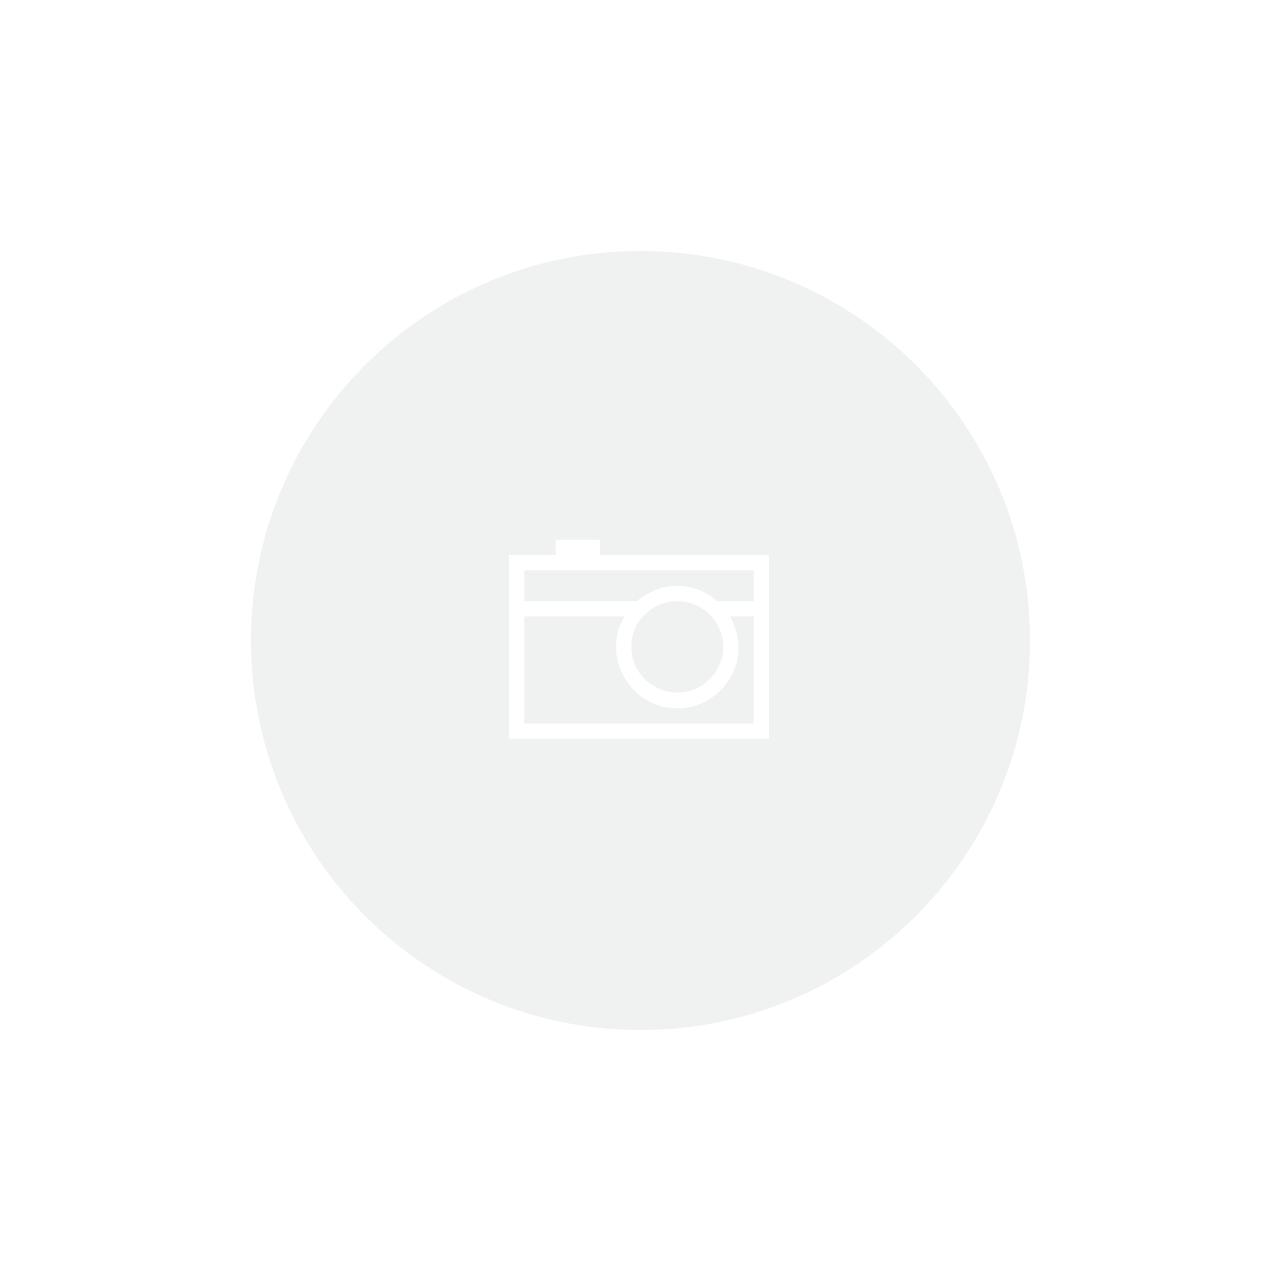 Kit Espumante Courmayeur Brut - Compre 5 LEVE 6